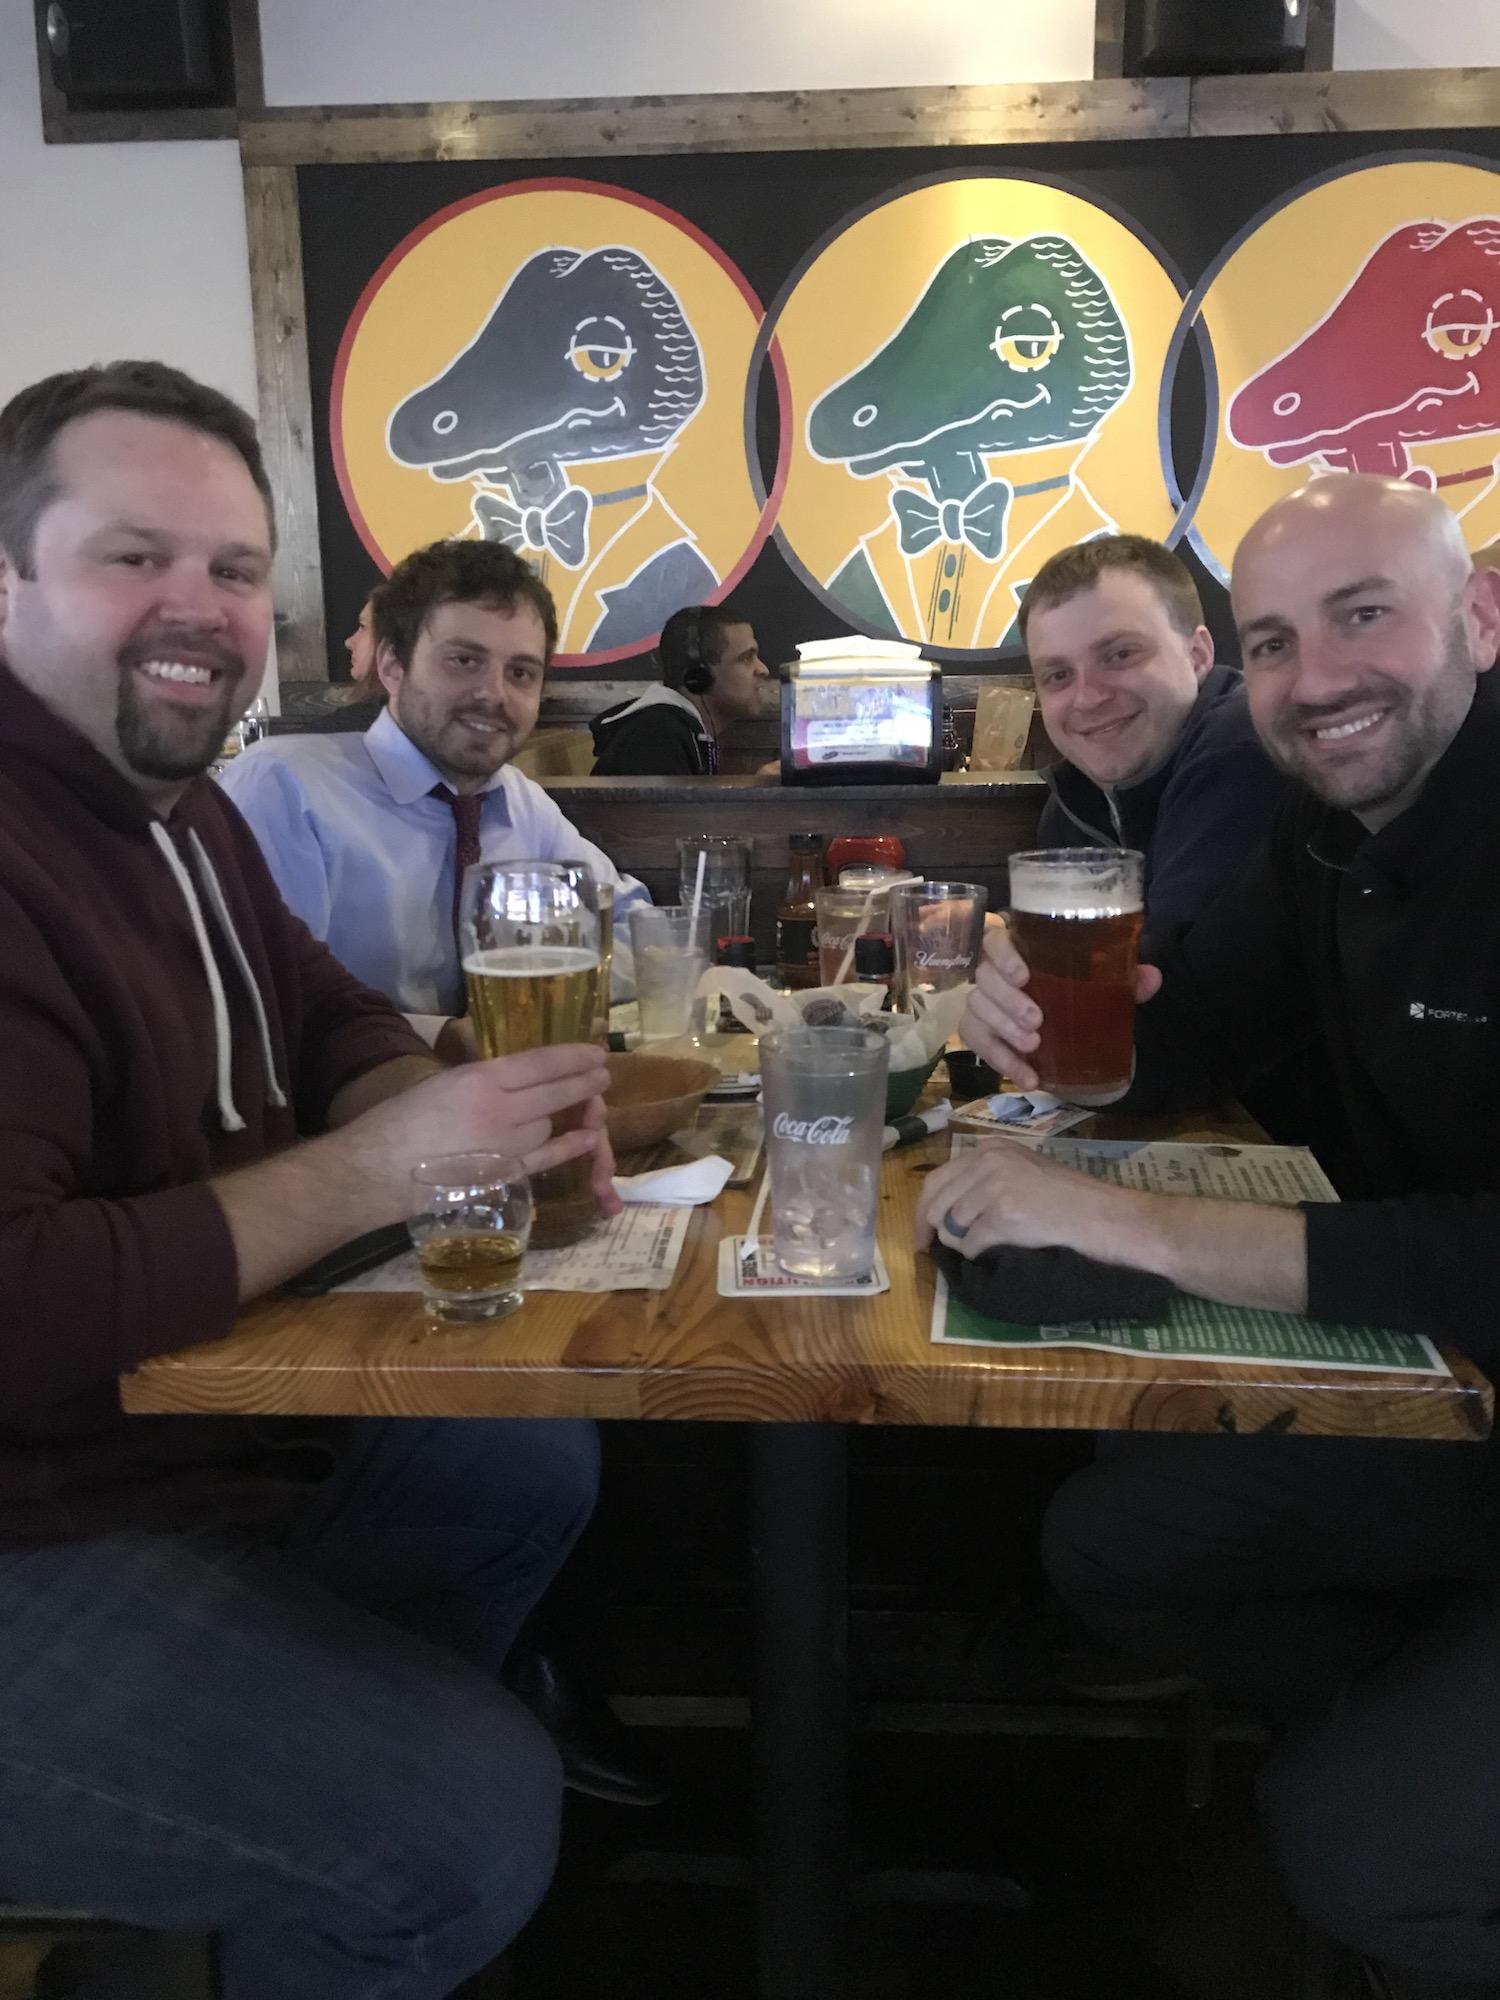 Photo of Chewie, CLEalt, Ralphie and BillW in Cleveland